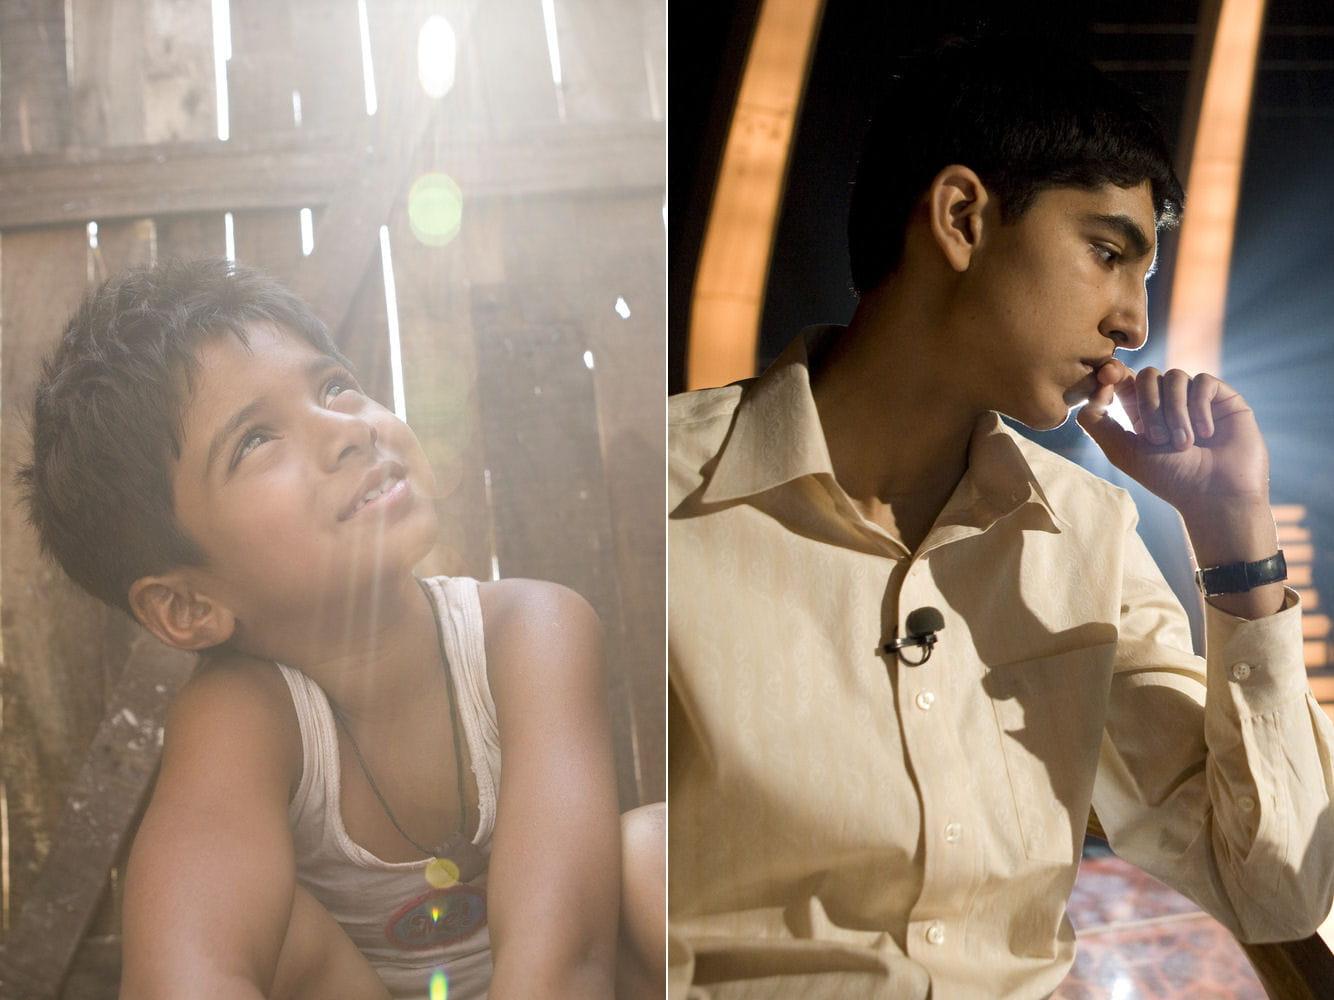 http://www.linternaute.com/cinema/film/deux-acteurs-pour-un-meme-role/image/slumdog-cinema-films-2180862.jpg